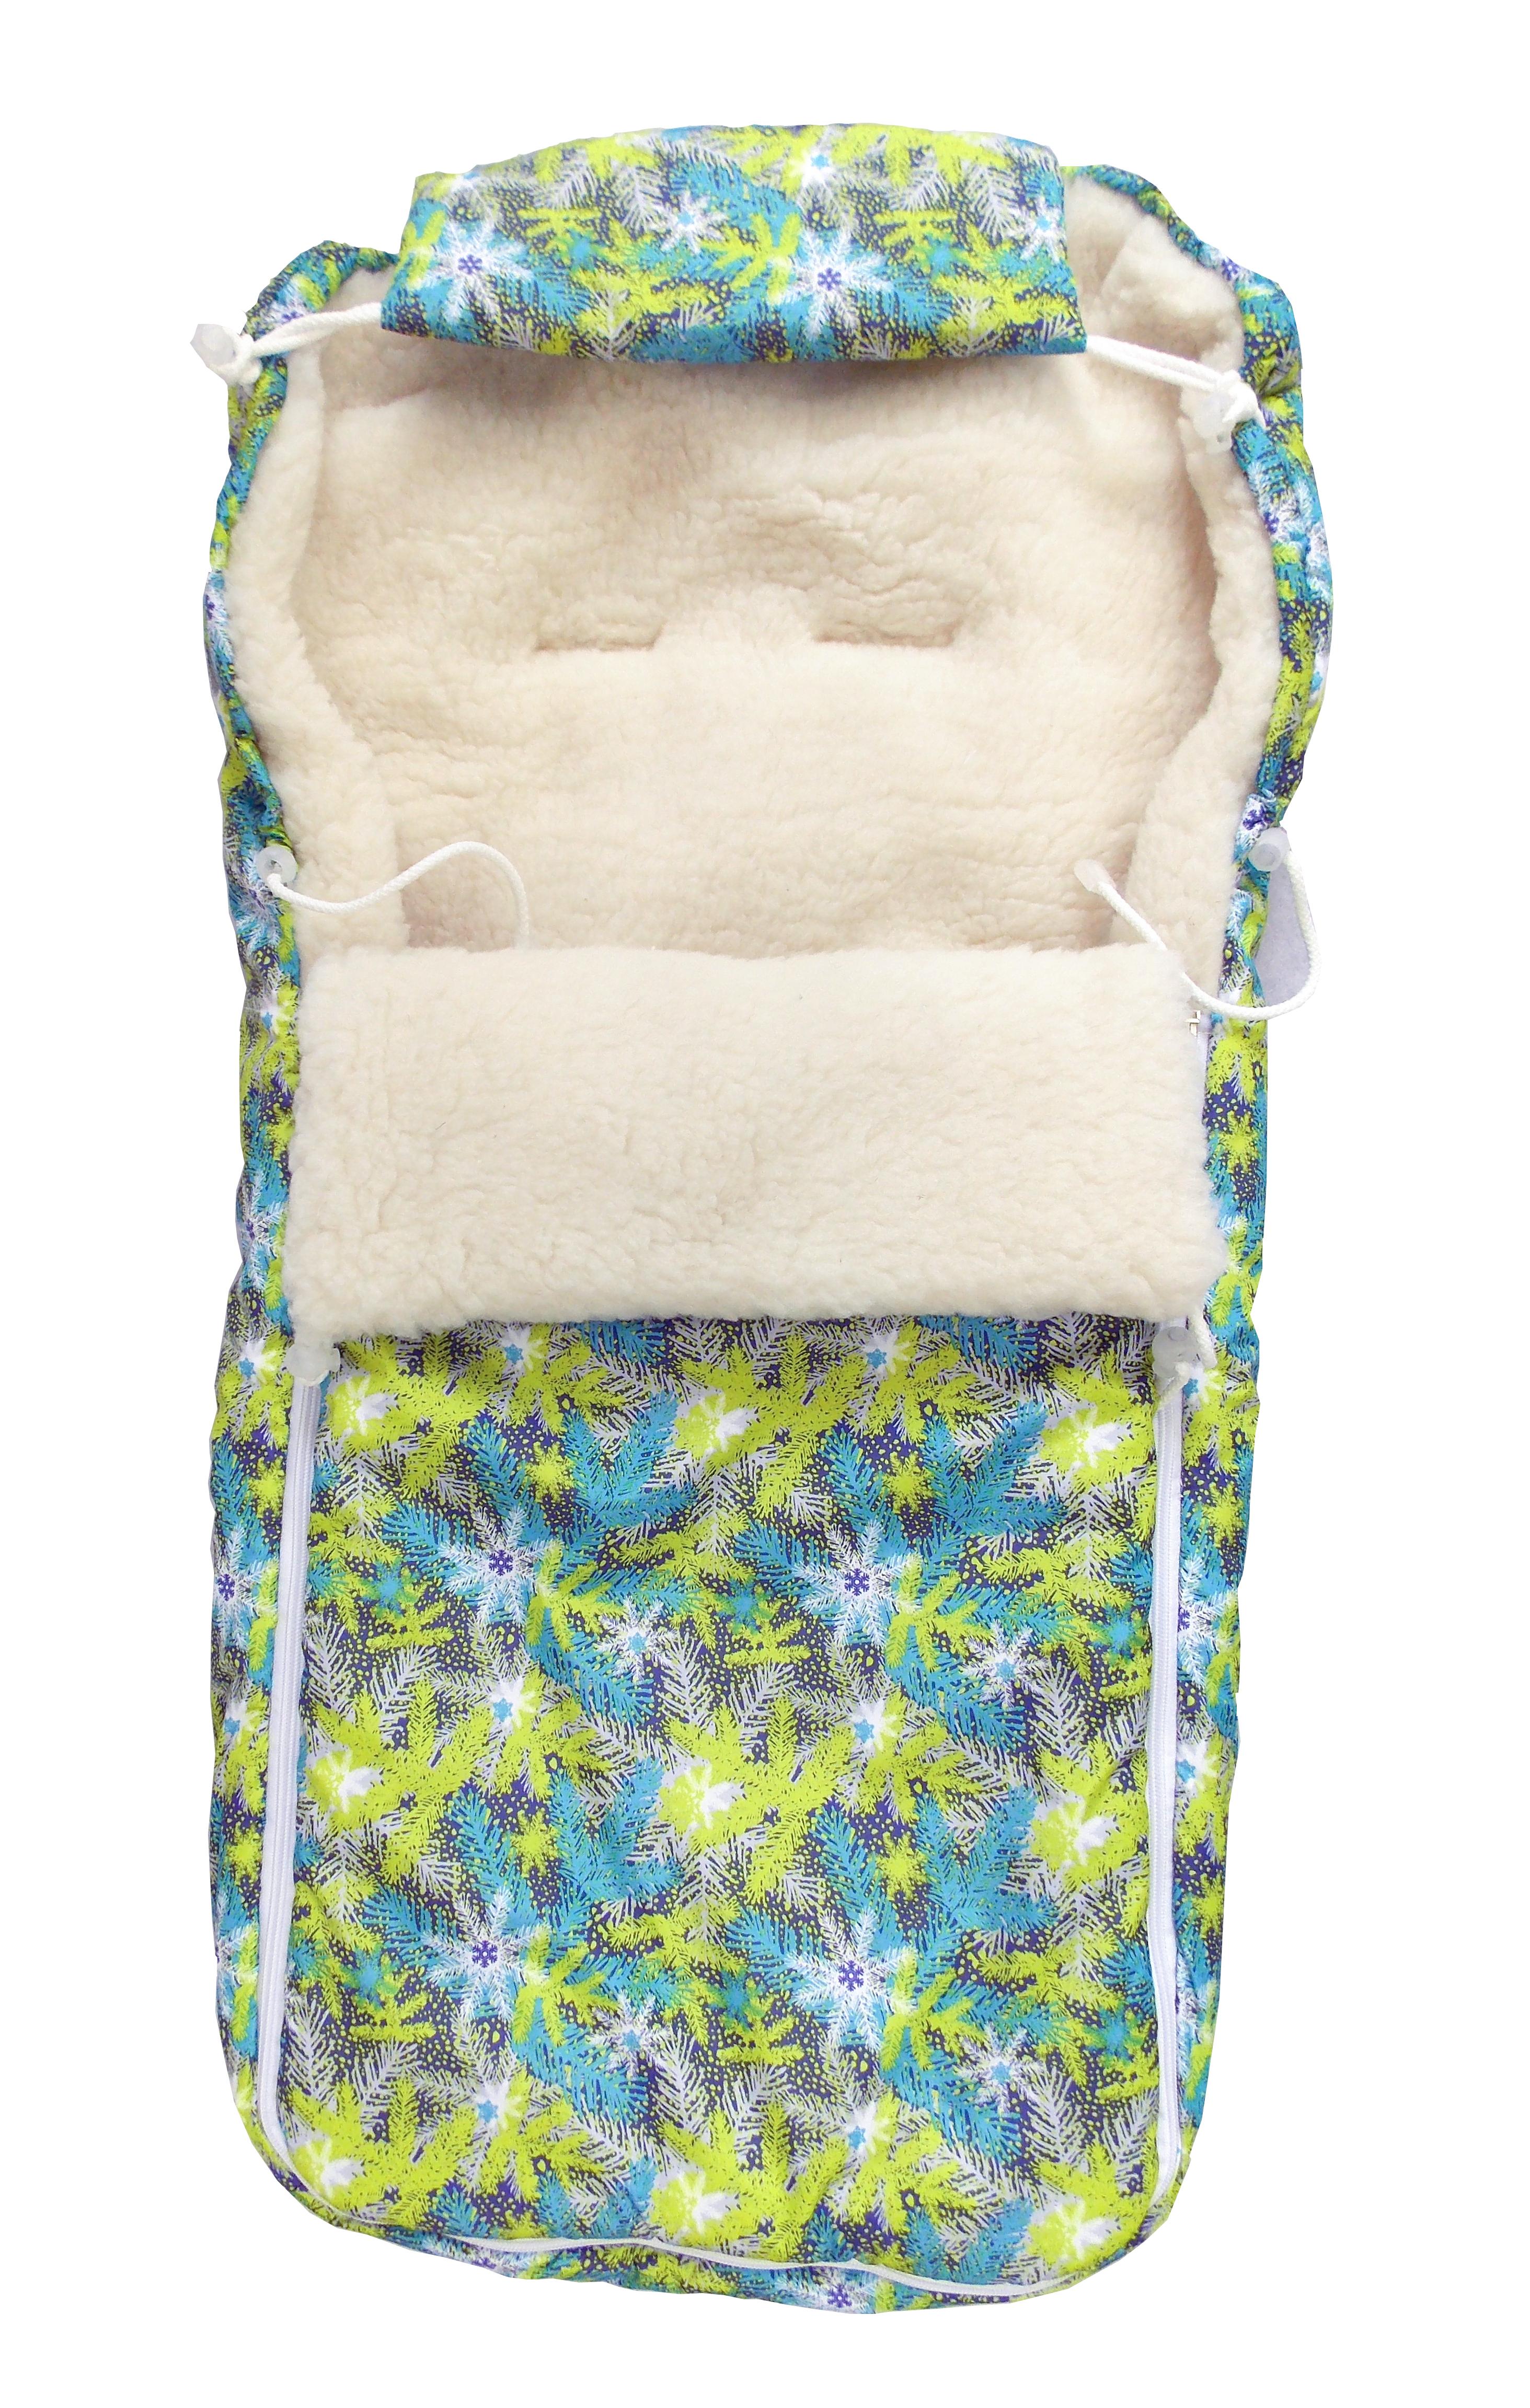 Аксессуары для колясок L'Abeille Снежинки меховой 6234 конверт детский christ меховой конверт tula из овчины sahara